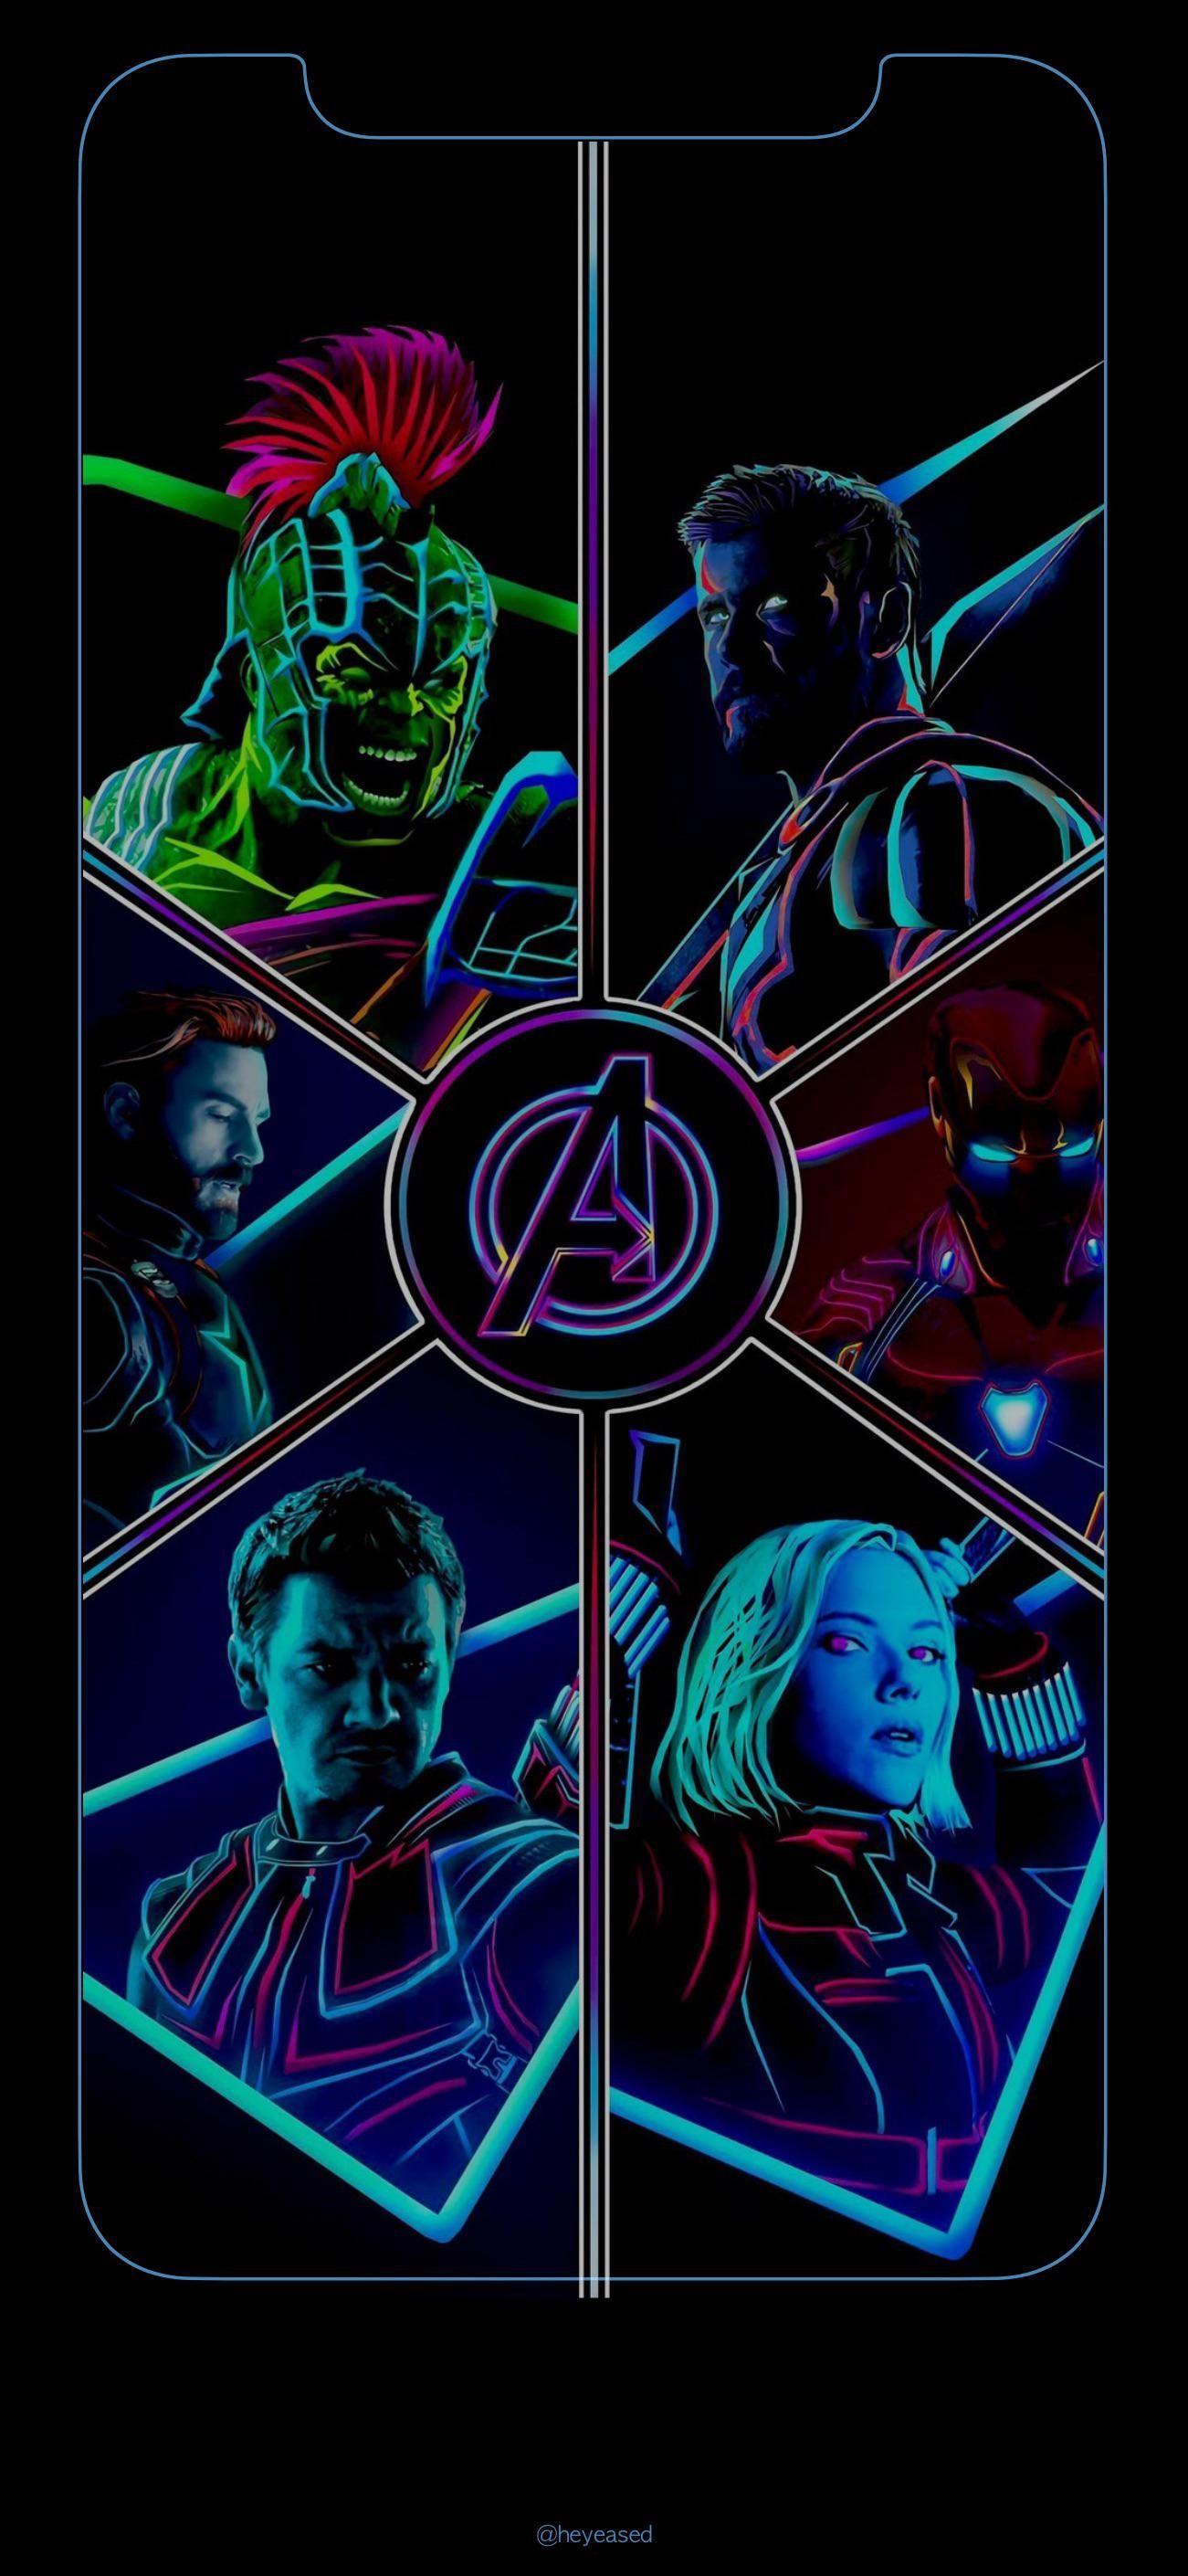 Avengers wallpaper iPhone X Marvel wallpaper, Avengers